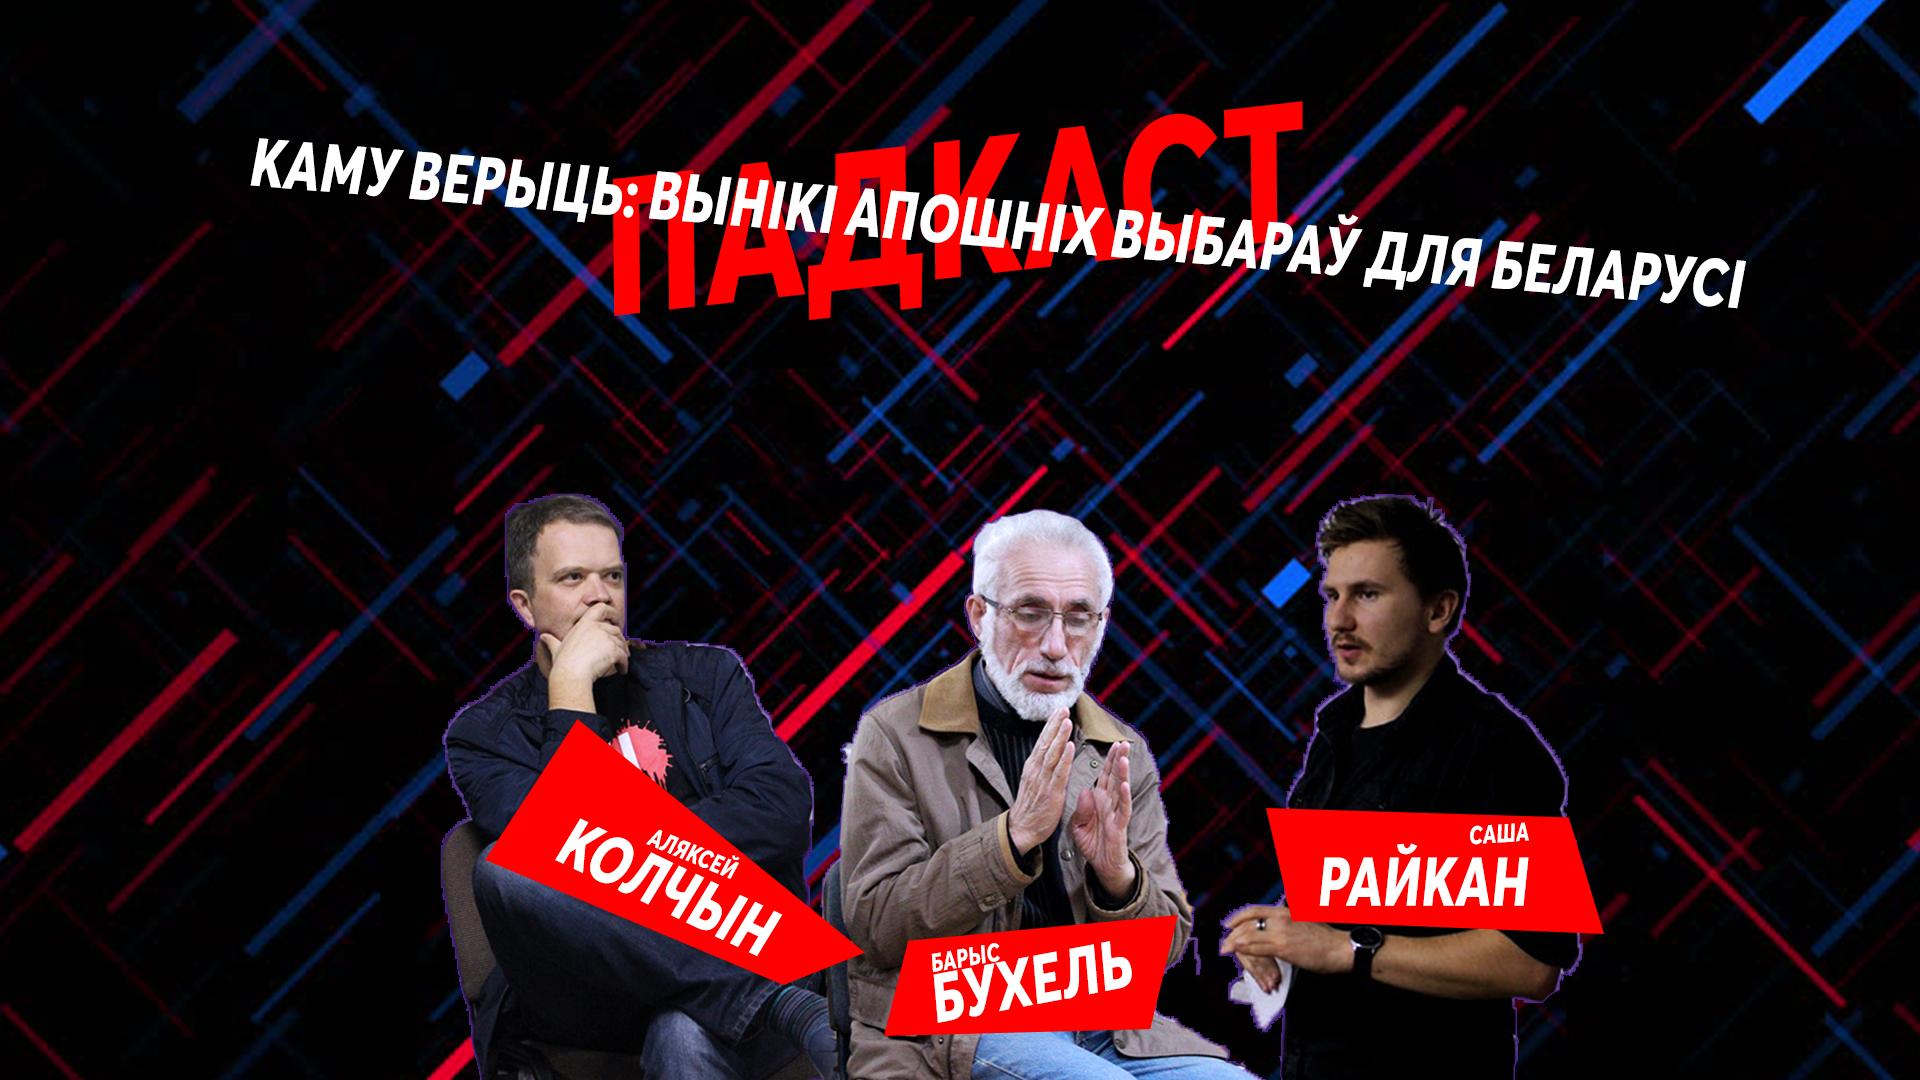 Фальсіфікацыі ў Беларусі: каму верыць? ПАДКАСТ